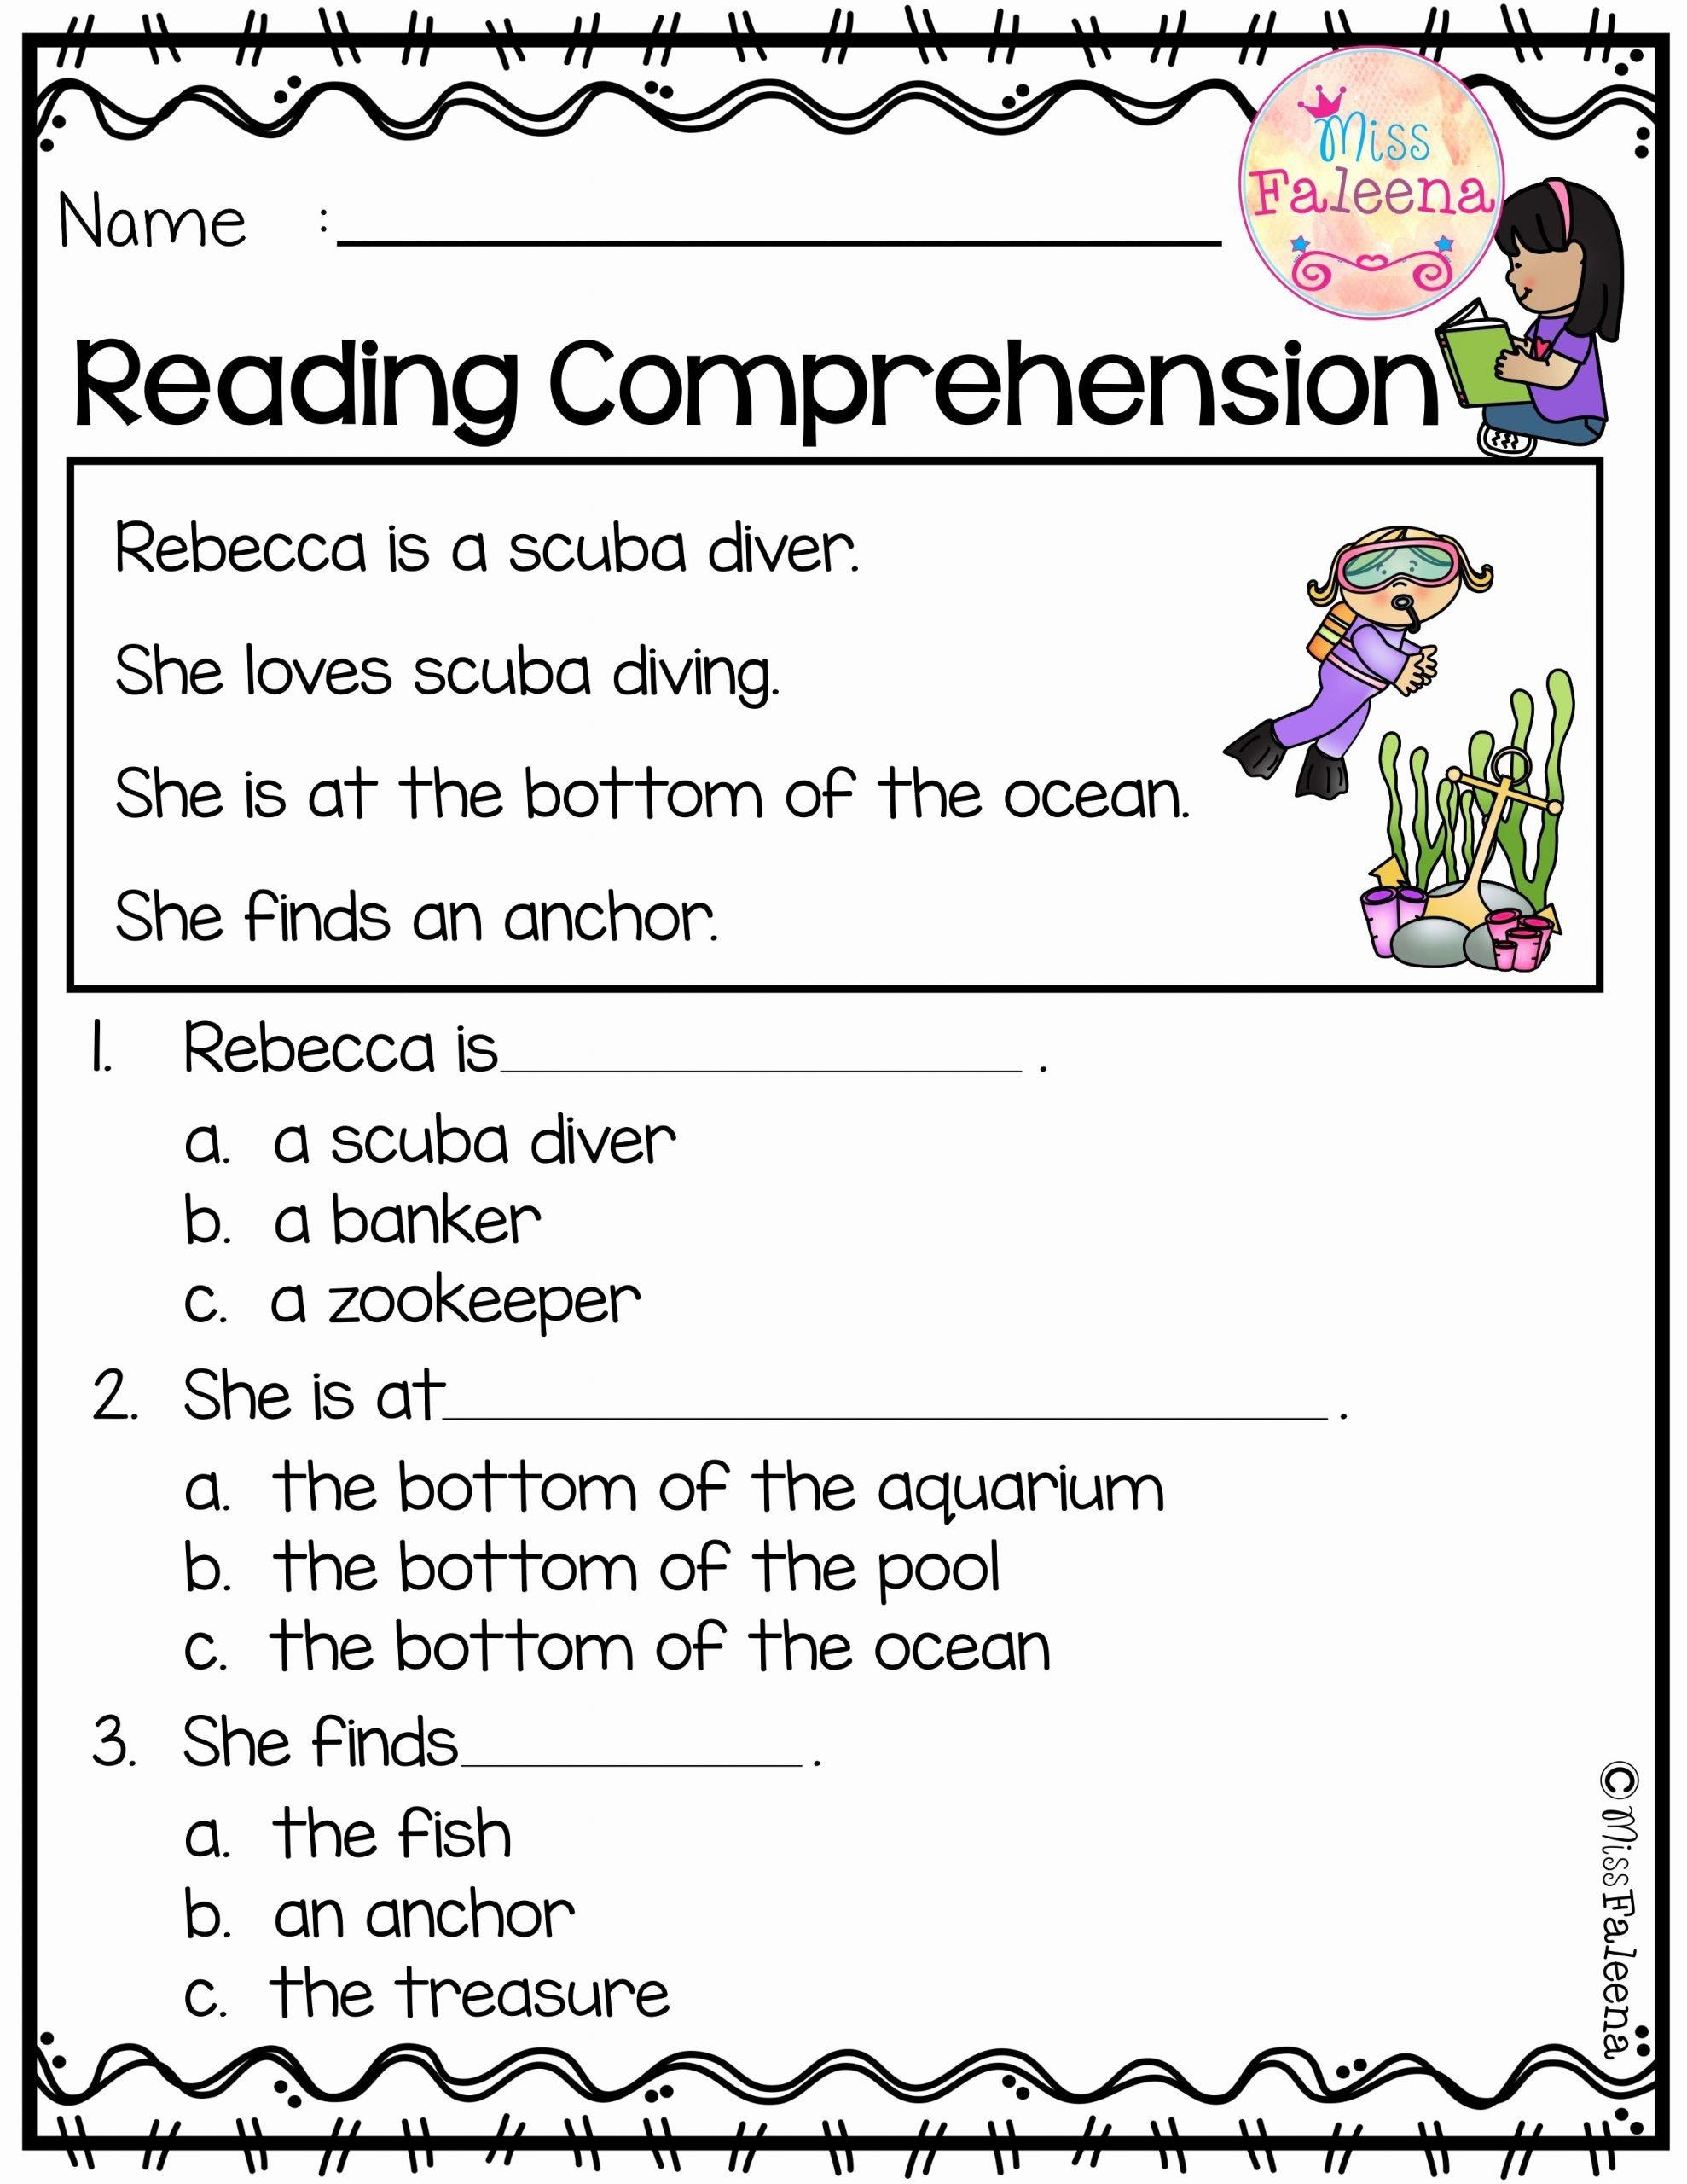 Reading Comprehension Worksheets for Kindergarten Best Of June Reading Prehension is Suitable for Kindergarten